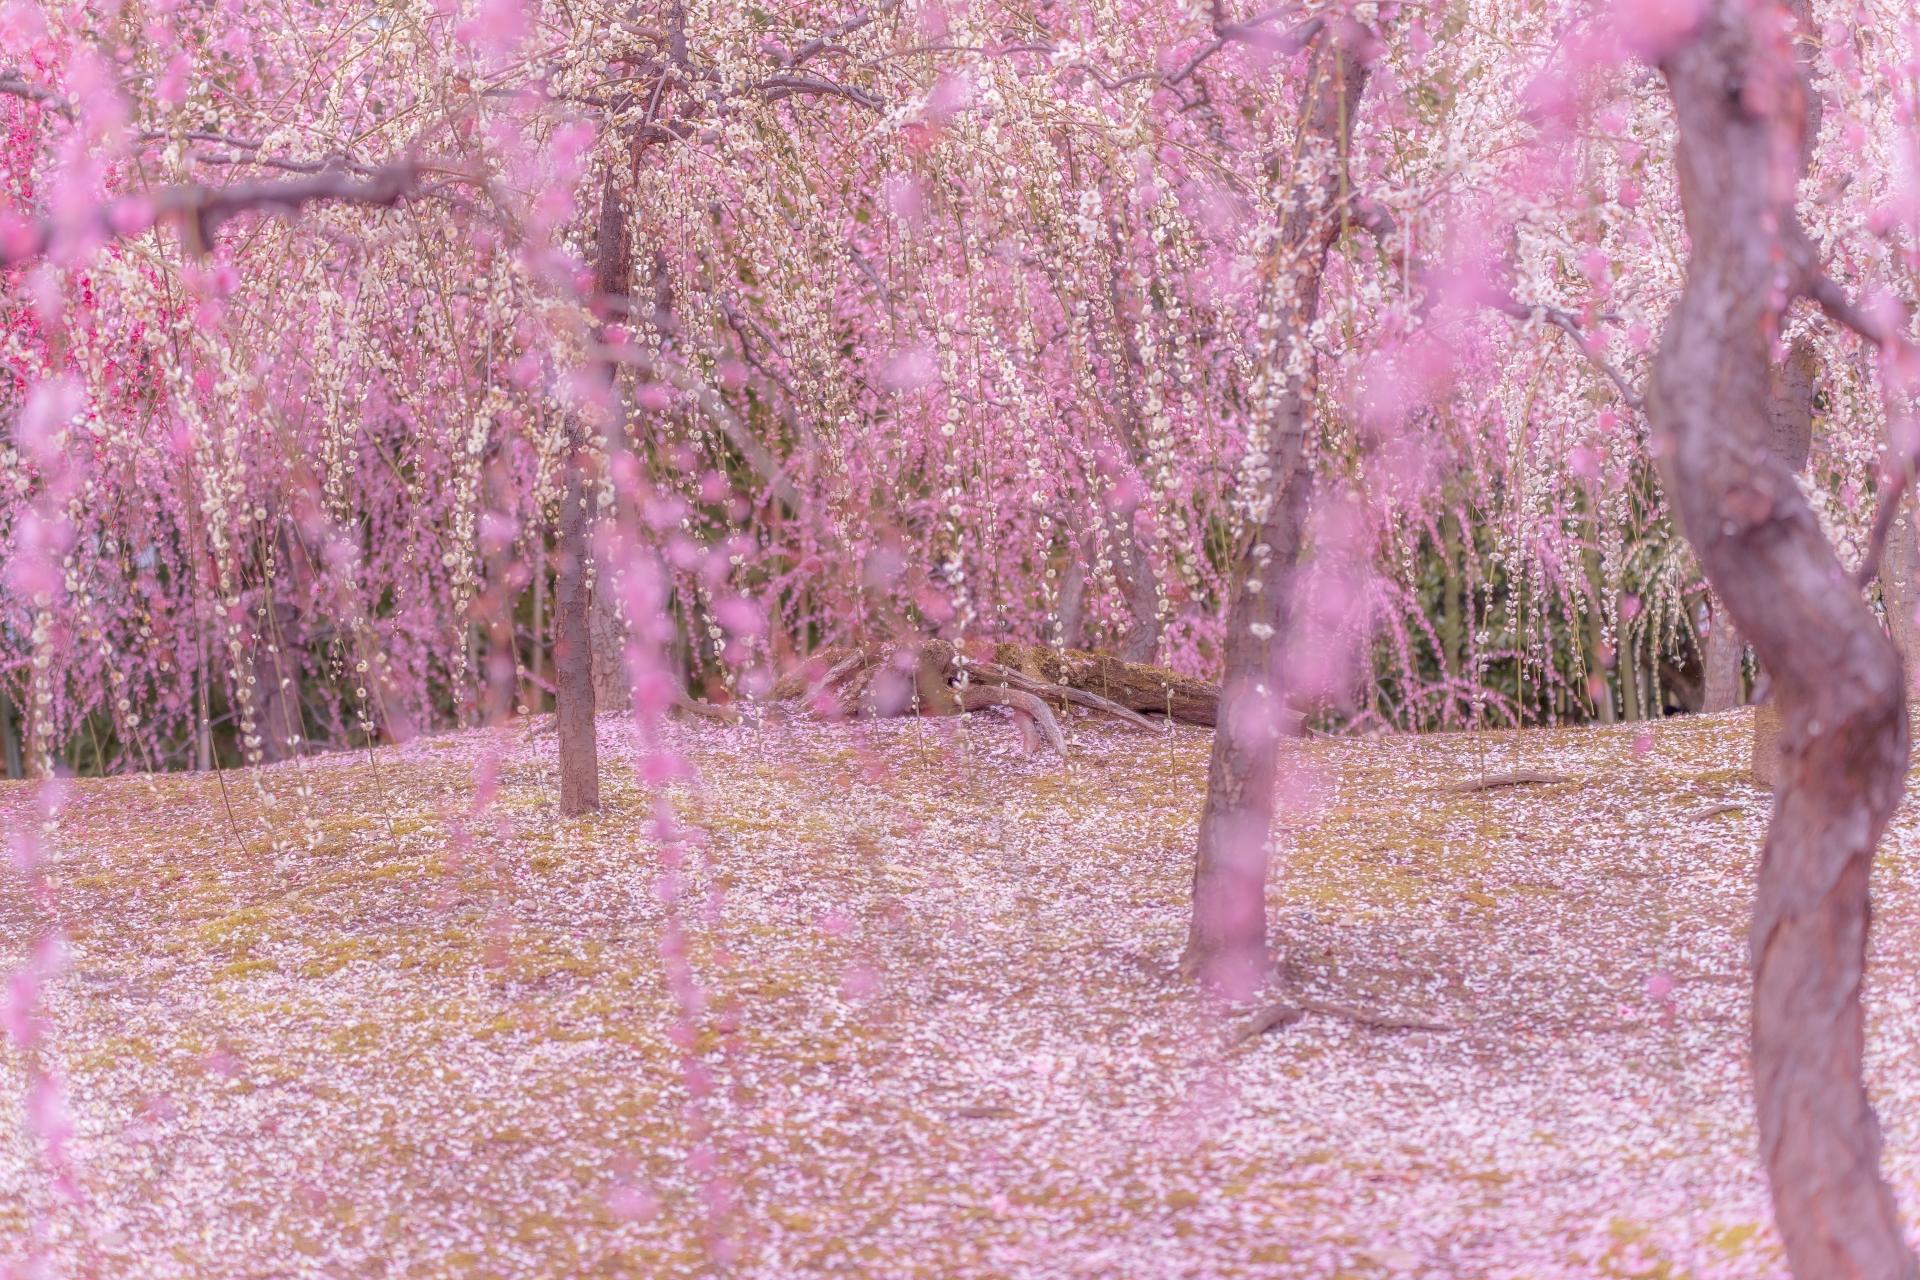 3264189_m 京都 城南宮(庭園に咲く150本の枝垂梅が絶景の写真スポット! 撮影した写真の紹介、アクセス情報や交通手段・駐車場情報などまとめ)